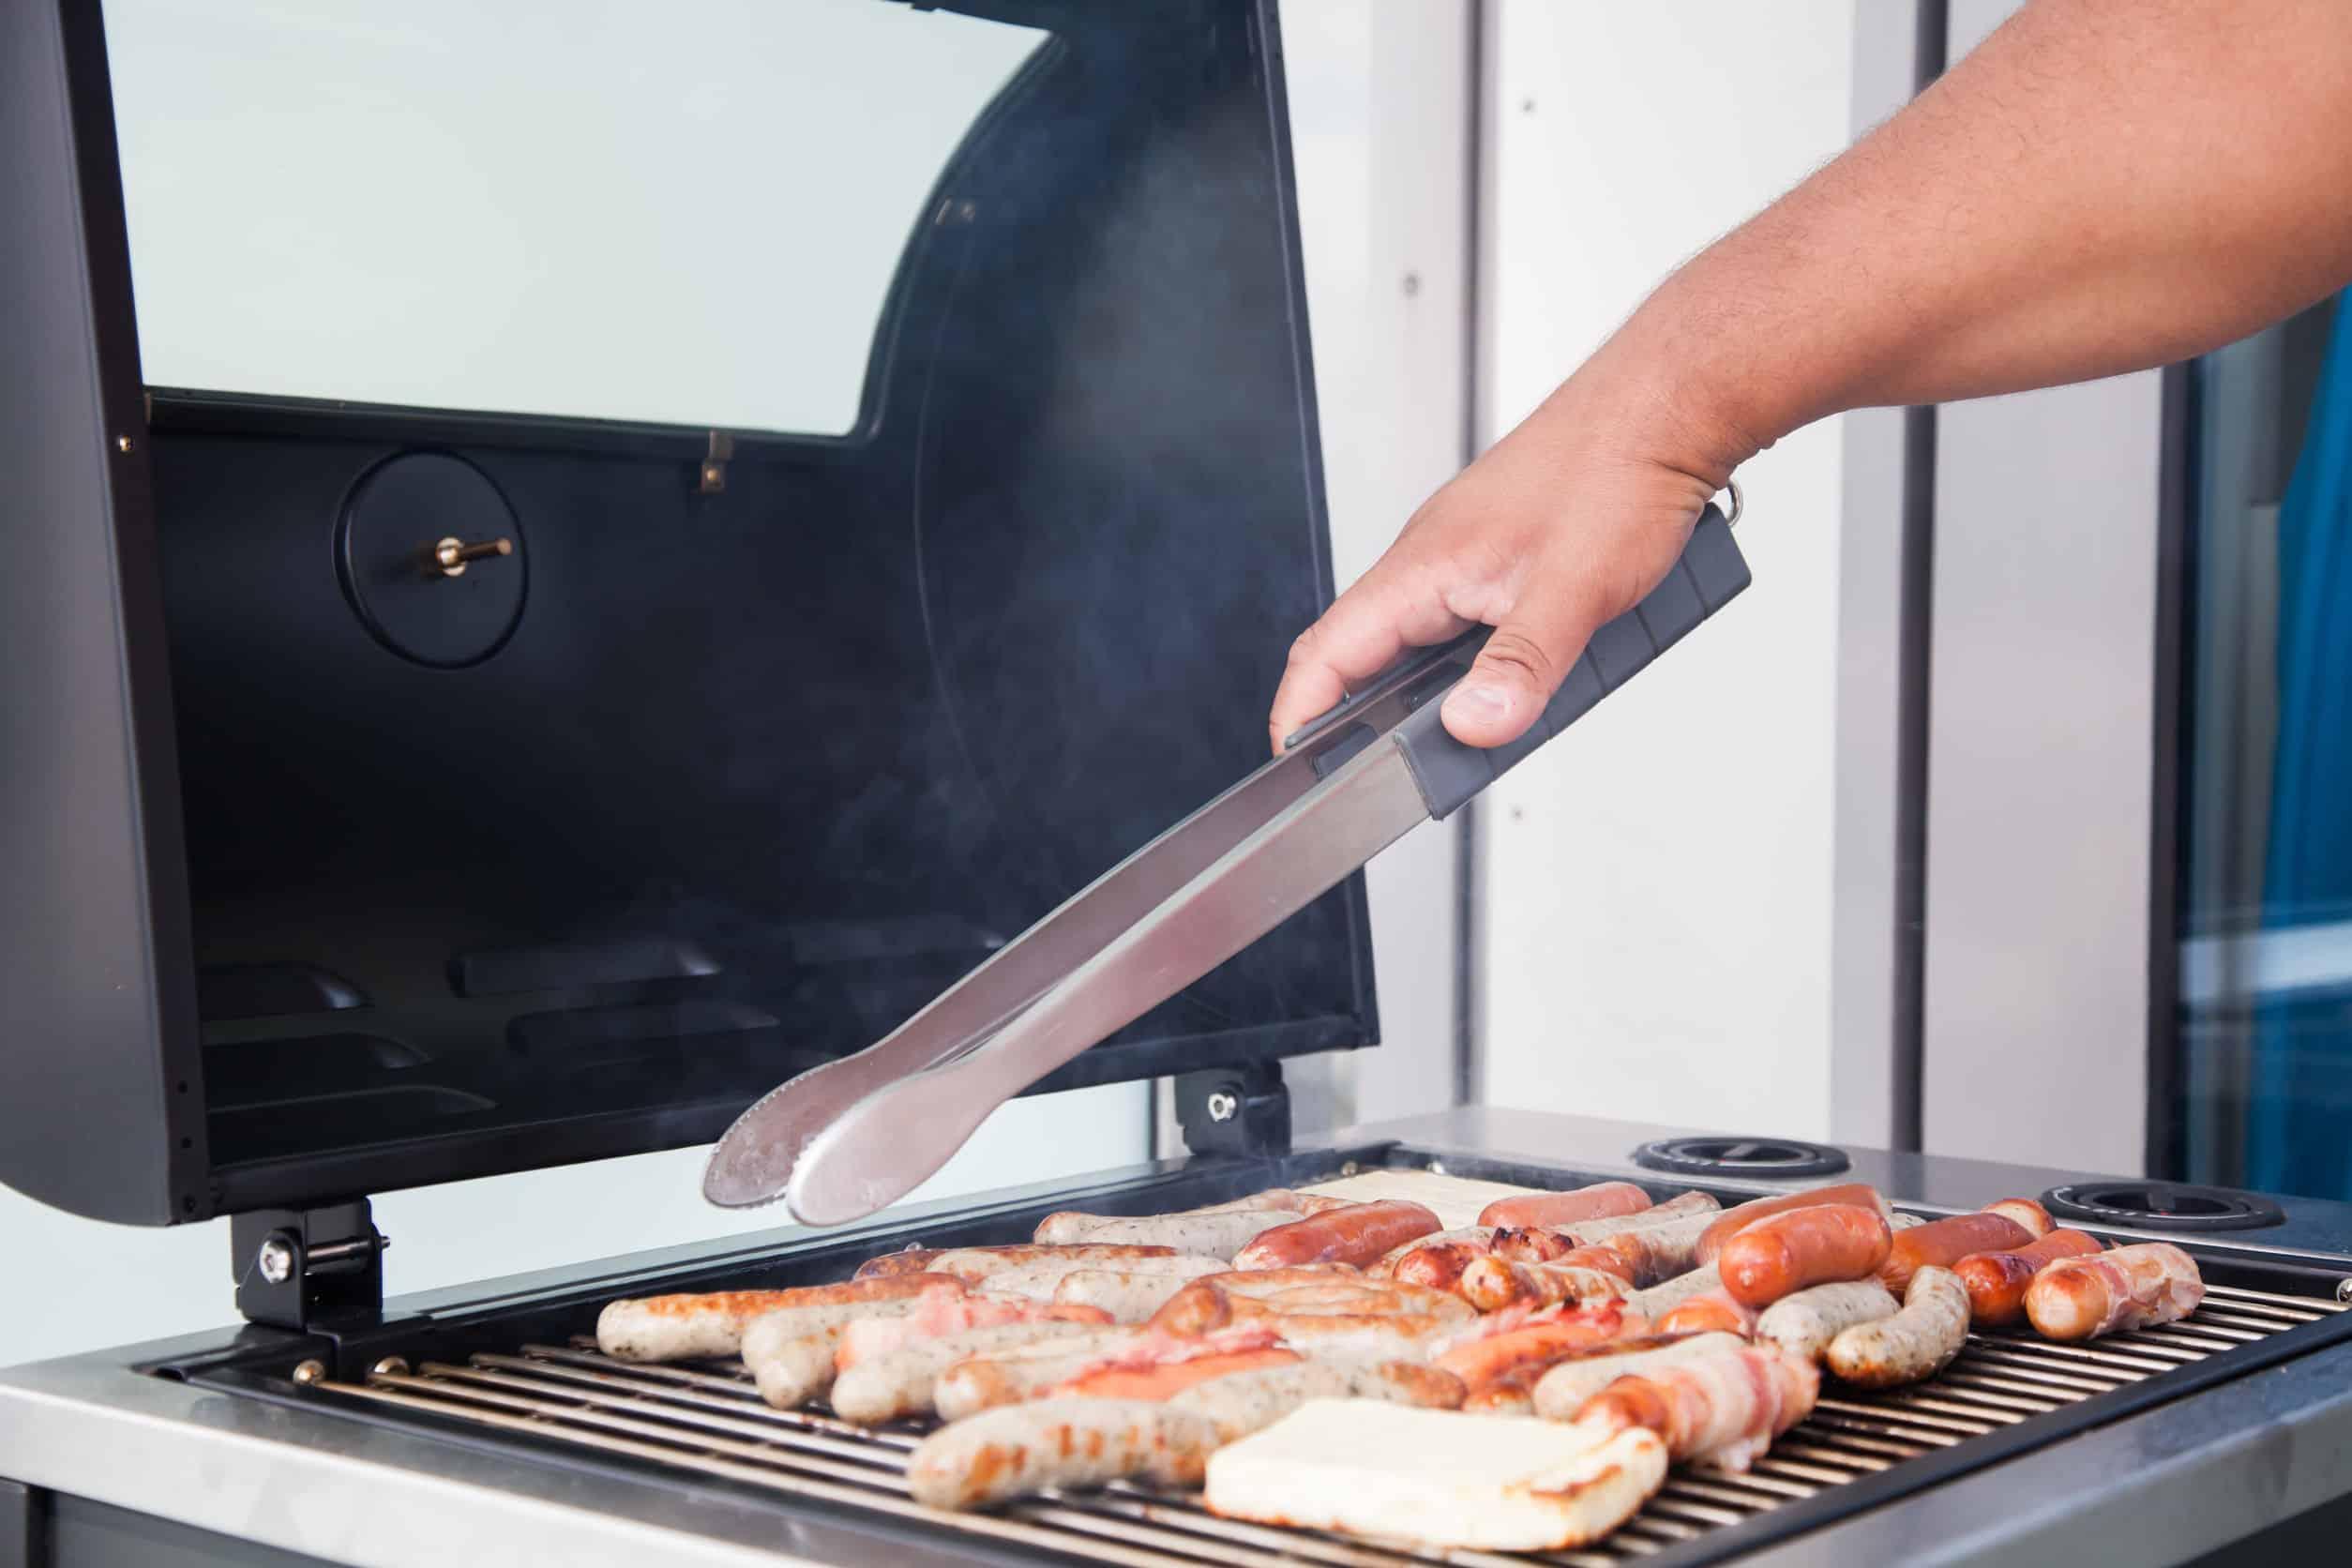 Balkon Gasgrill Test Empfehlungen 12 20 Kitchenfibel